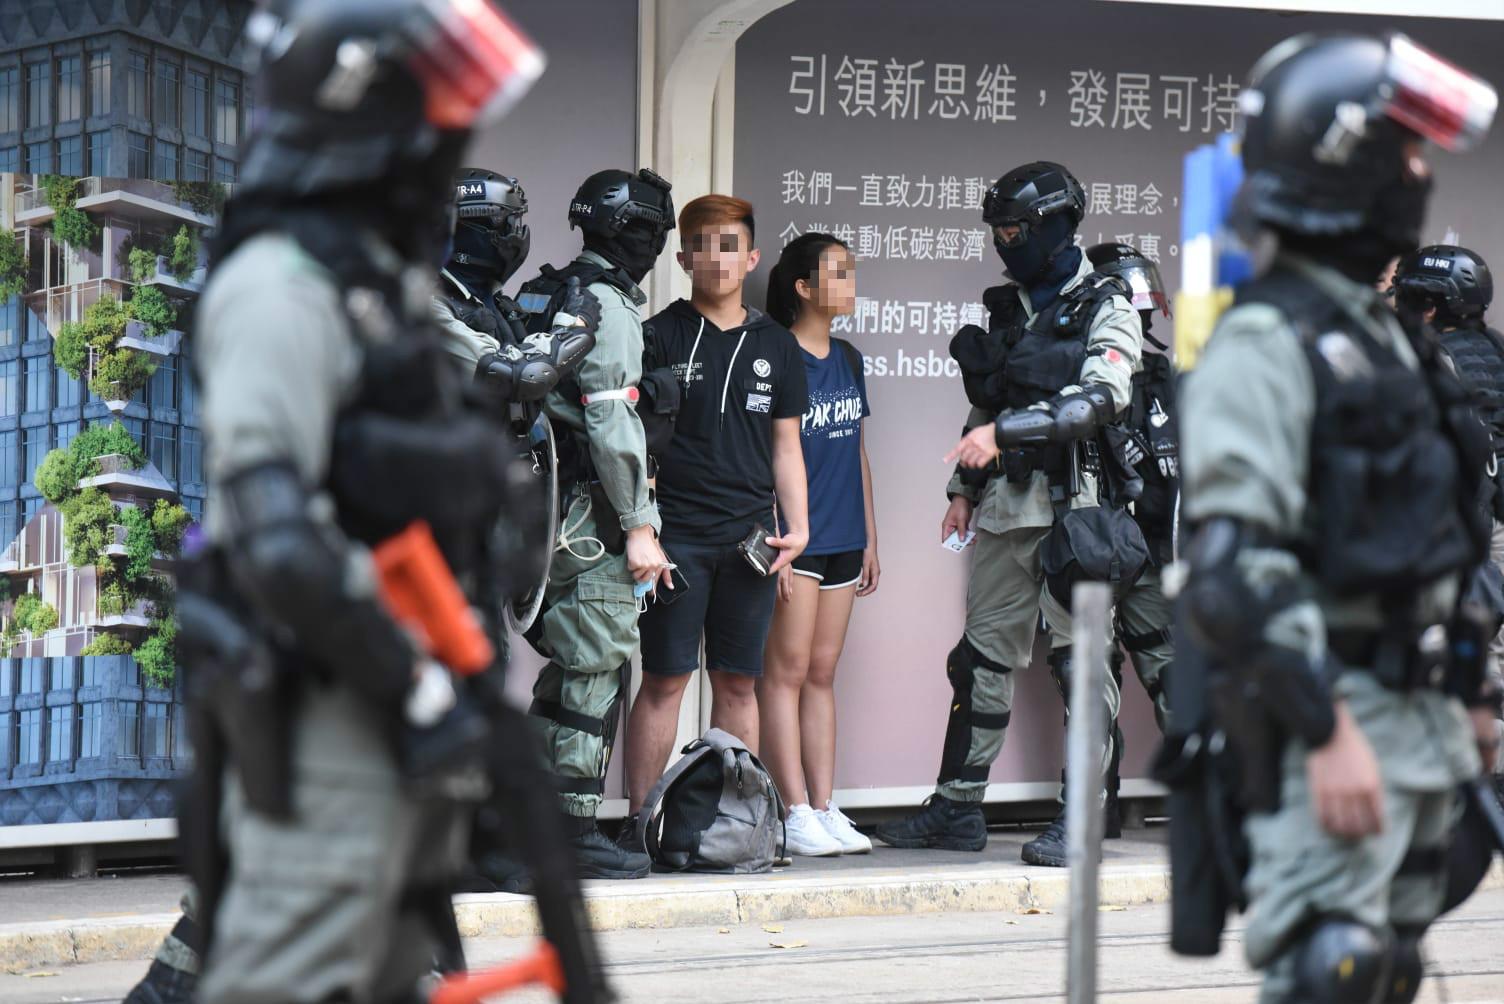 【修例风波】中环遭警扑倒男女获释 戴头巾男子被带上警车